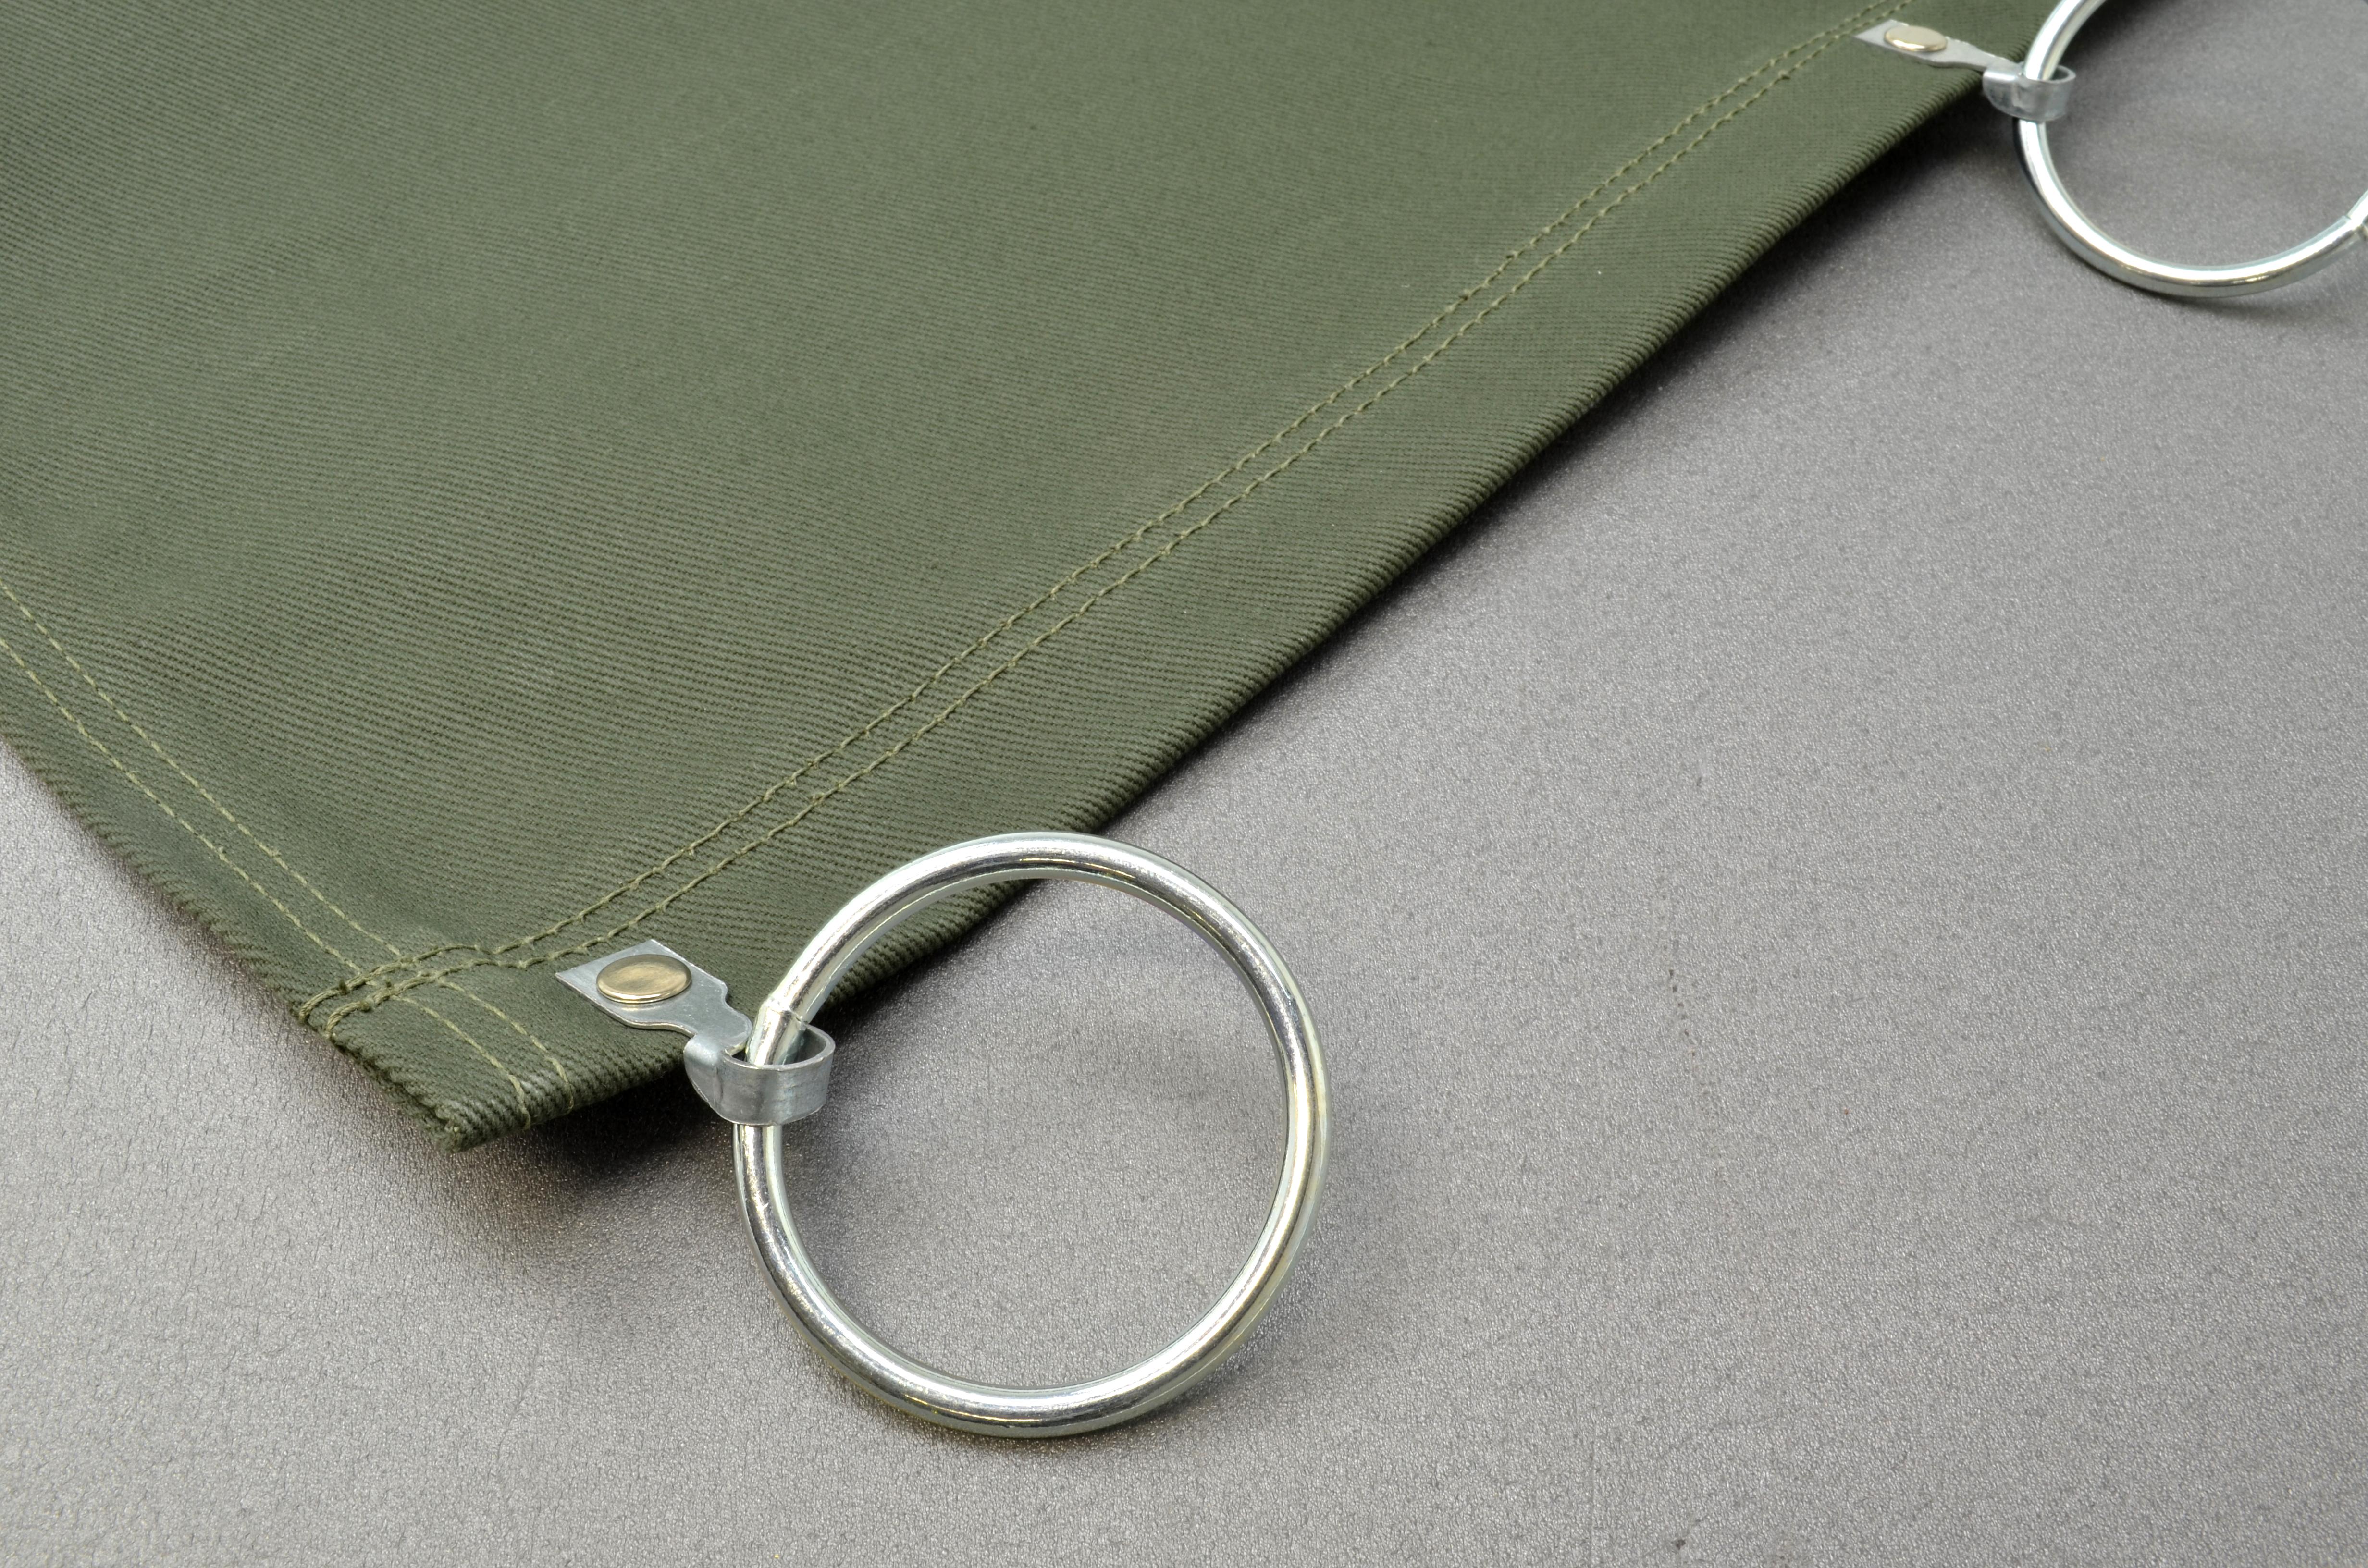 Ring ø50mm Mit Haken Und Niete Zusätzlich Zusätzliche Ringe Oder